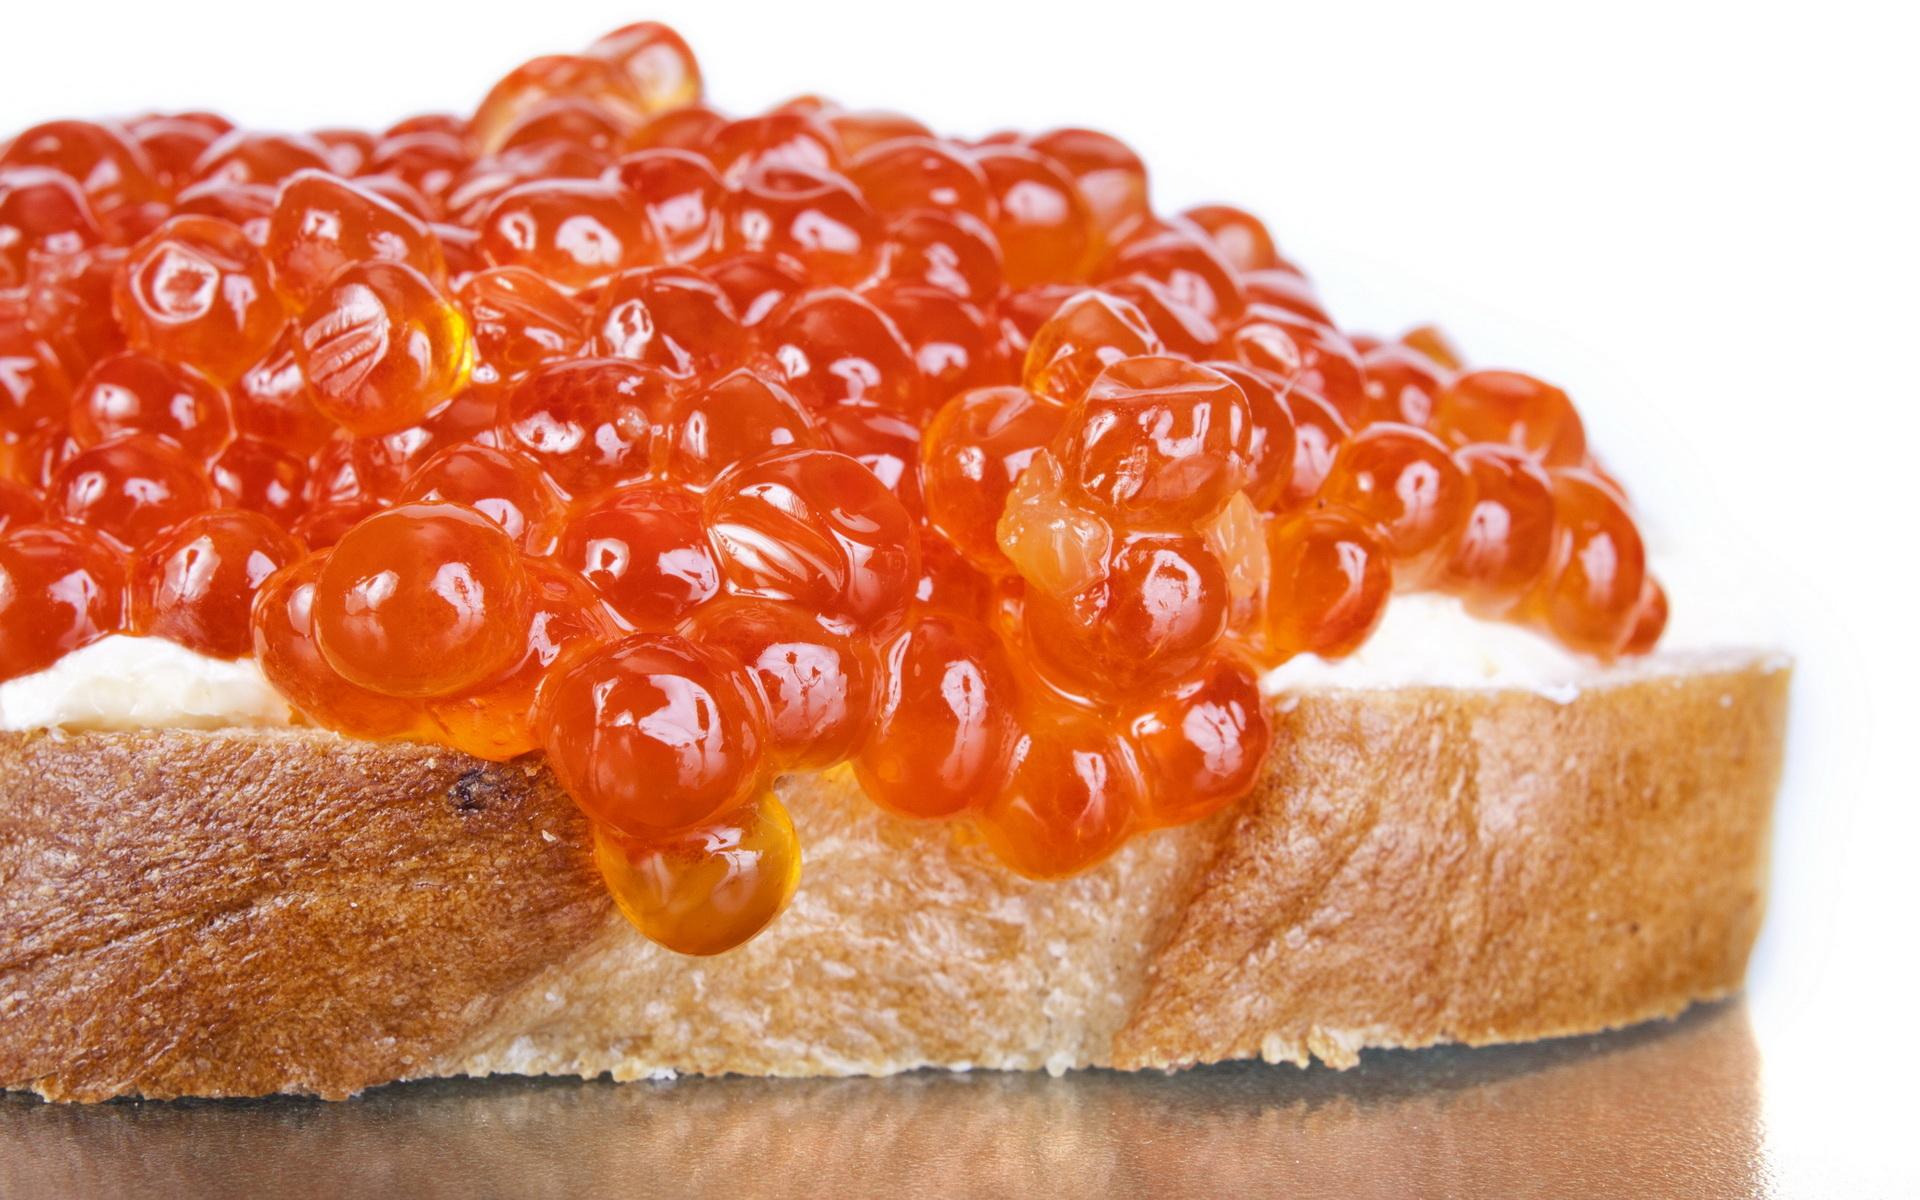 картинка бутерброд с икрой ферзь